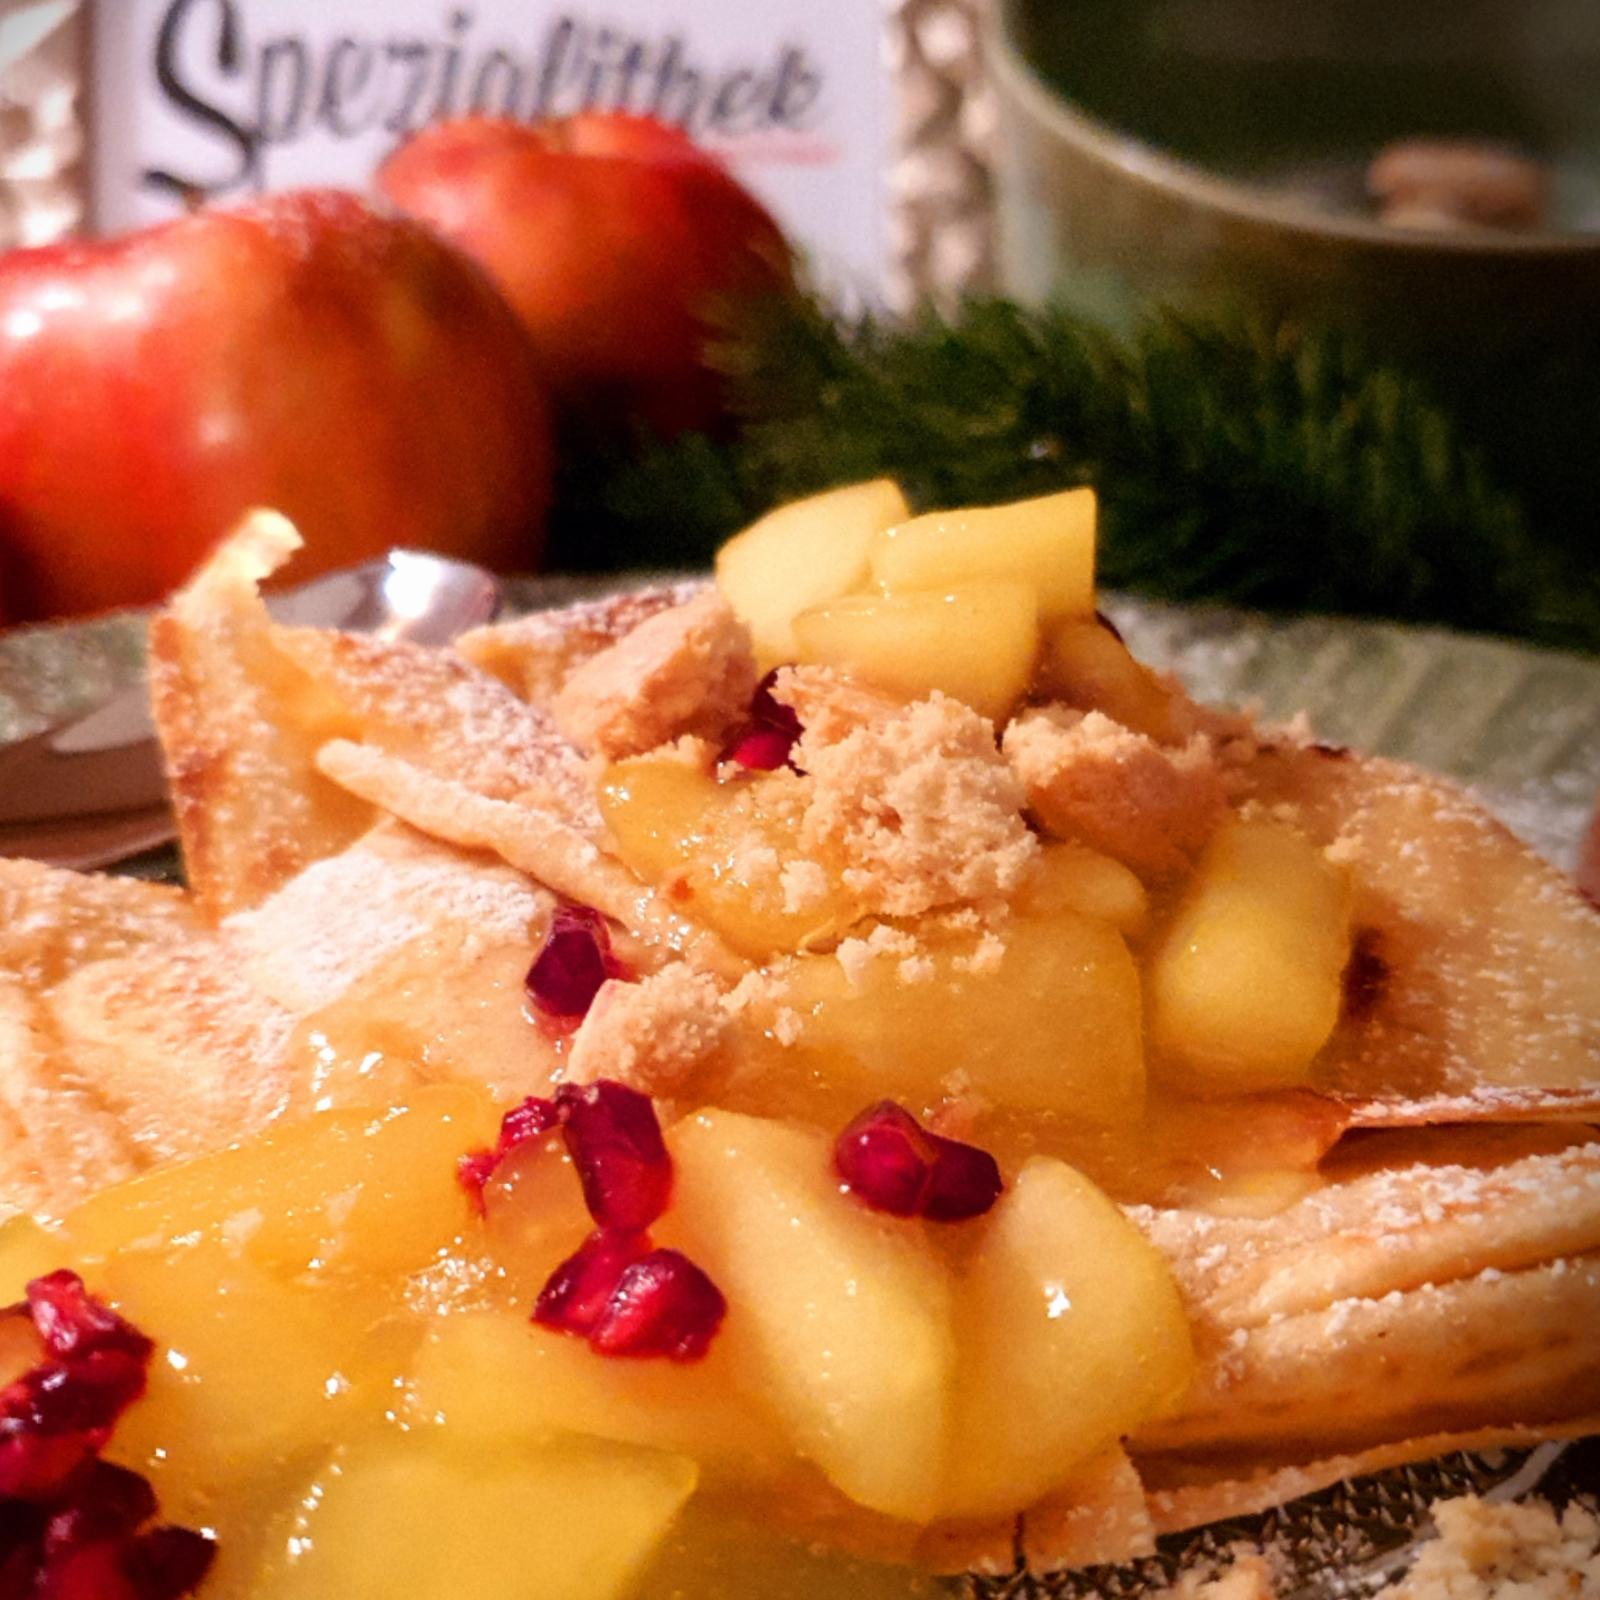 Vanillekipferl Palatschinken mit Apfelragout Spezialithek Genussportal Markus Leingruber